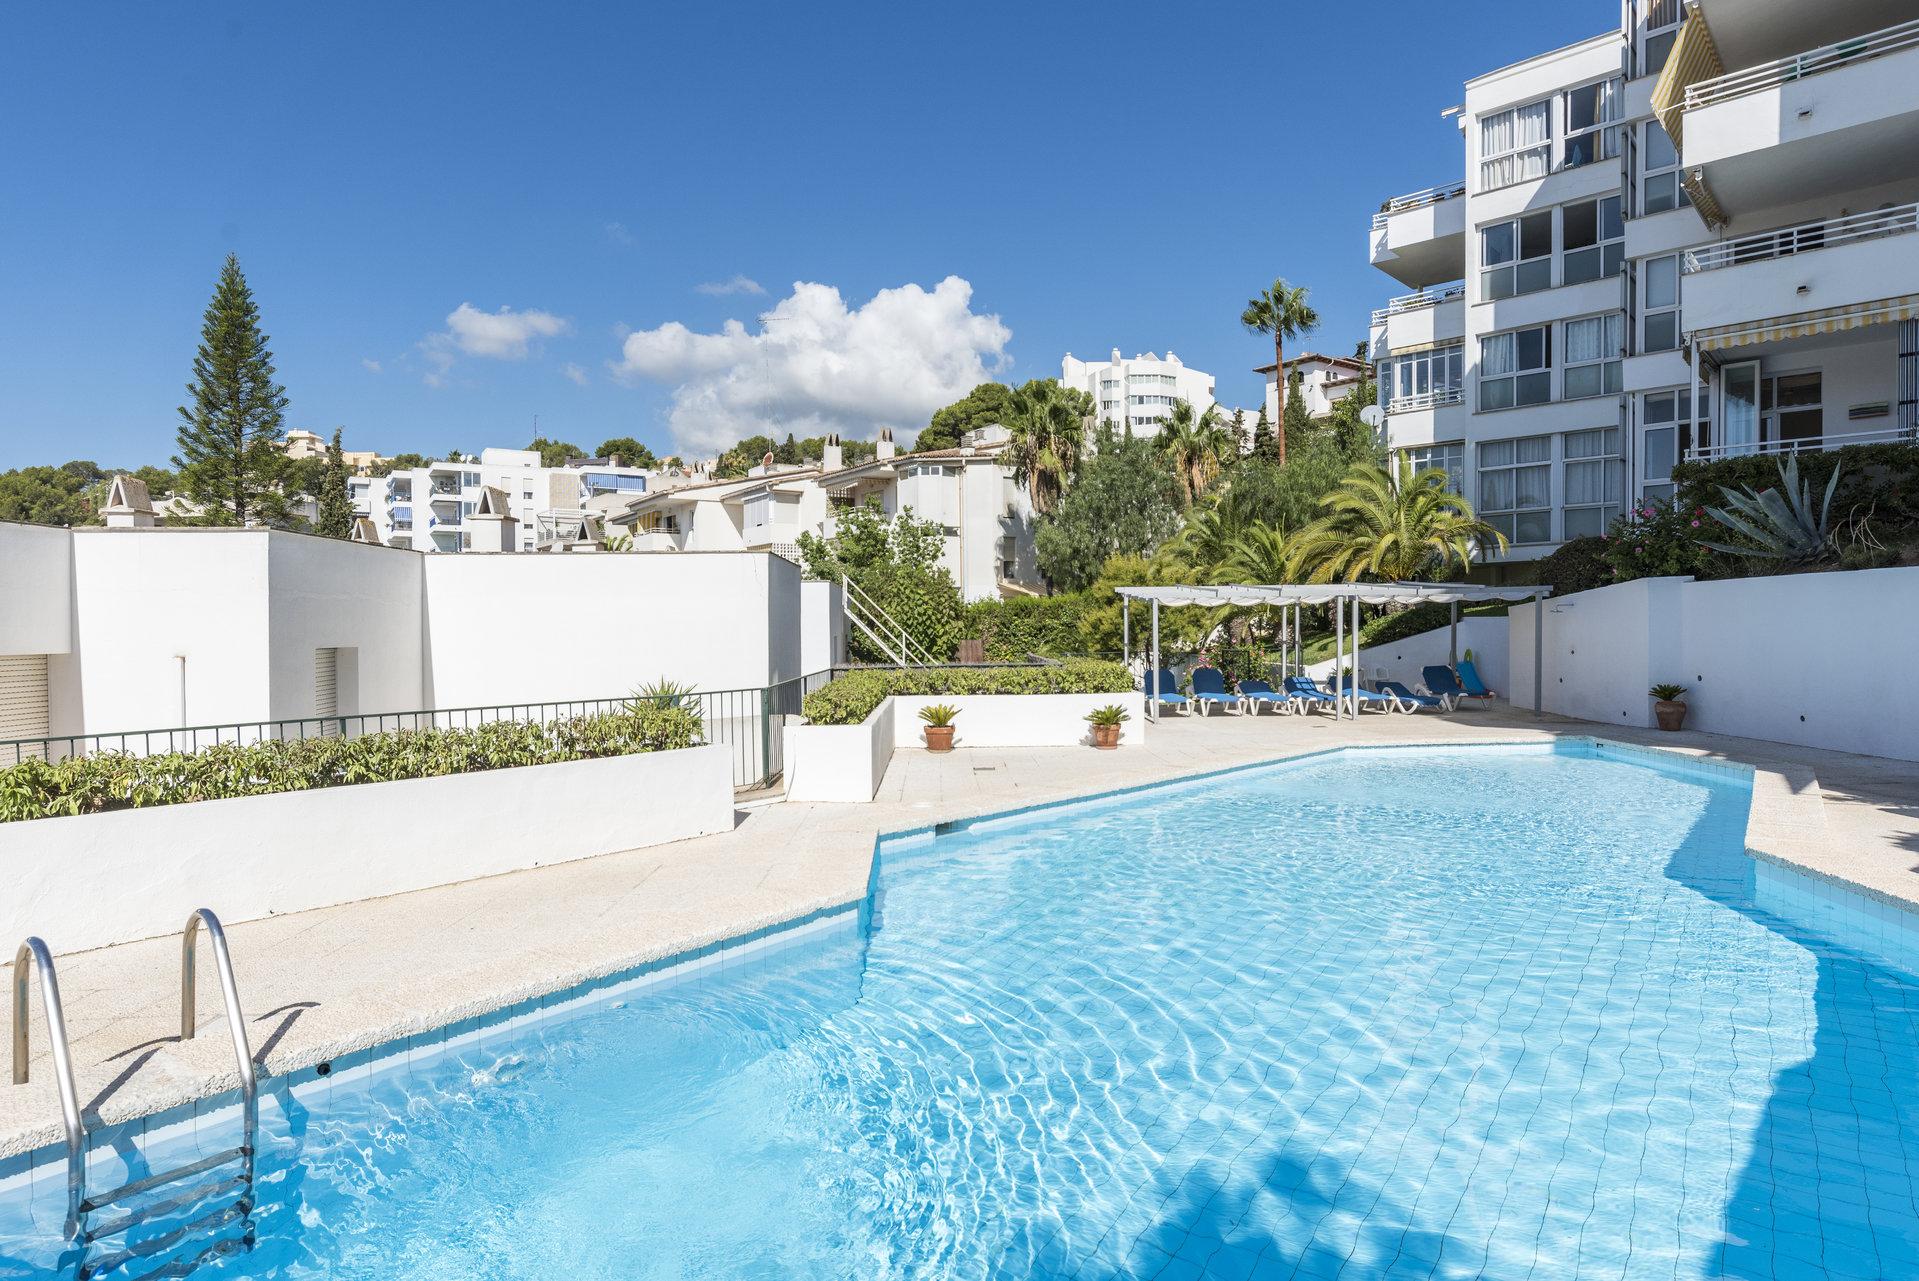 Ad Sale Apartment Palma de Mallorca Bonanova (07001) ref ...